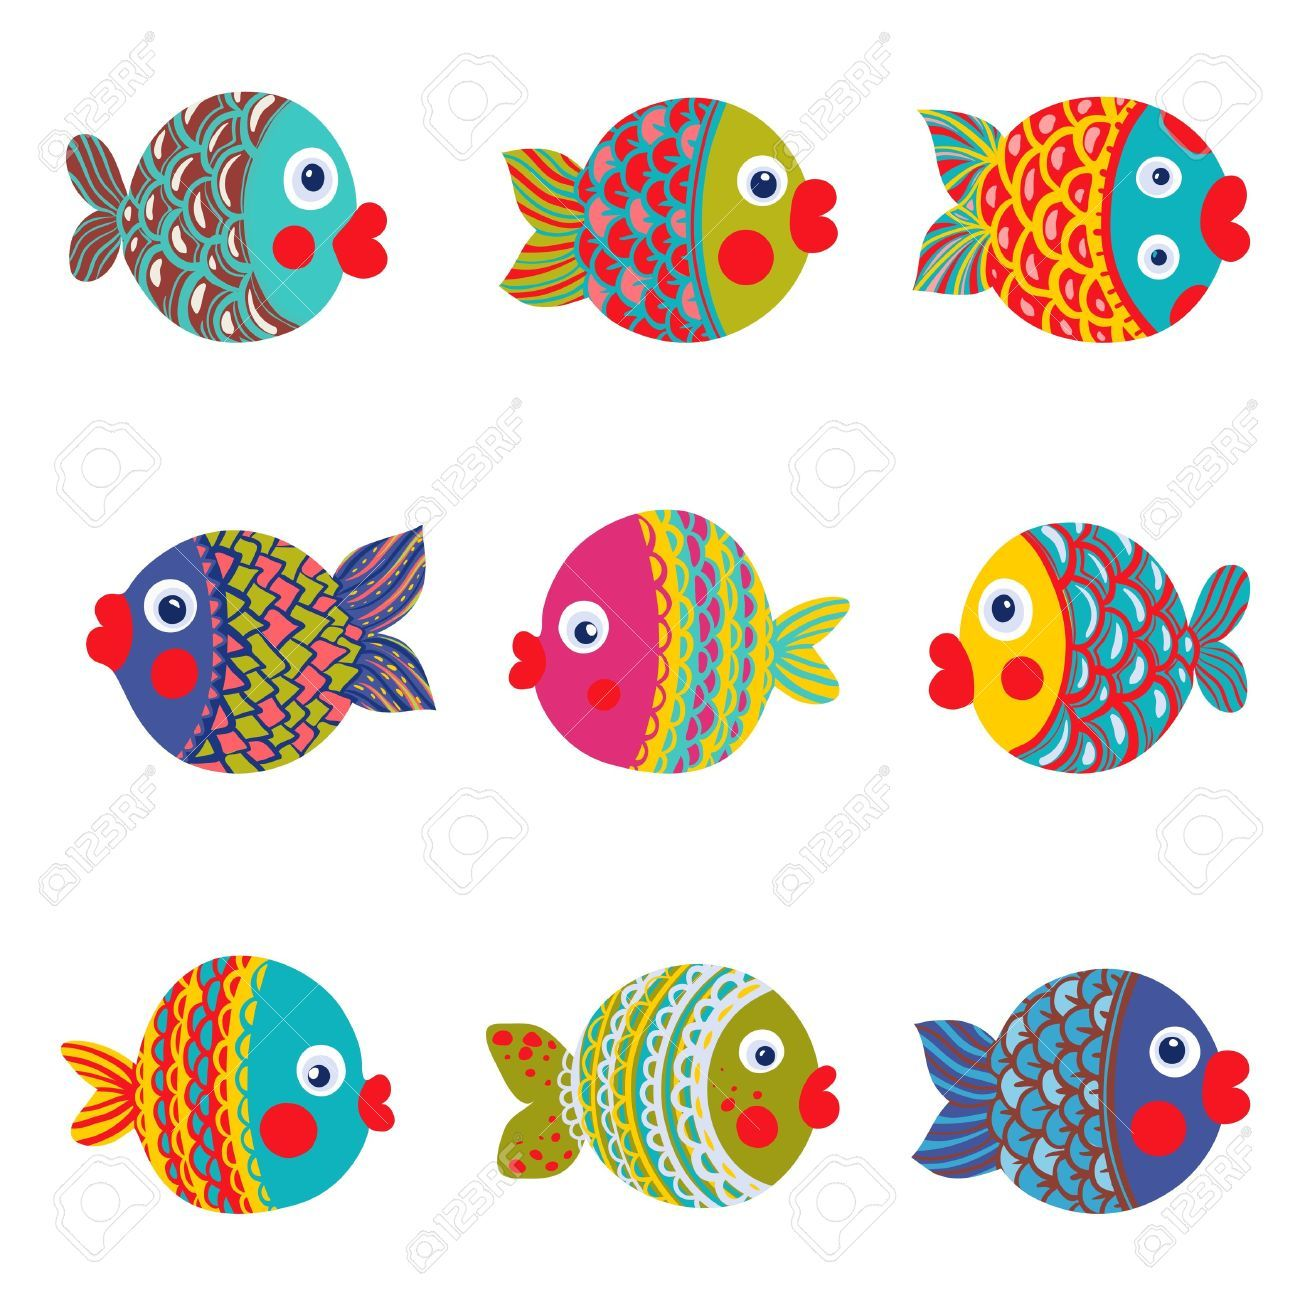 Pesci tropicali disegni colorati cerca con google for Immagini pesciolini